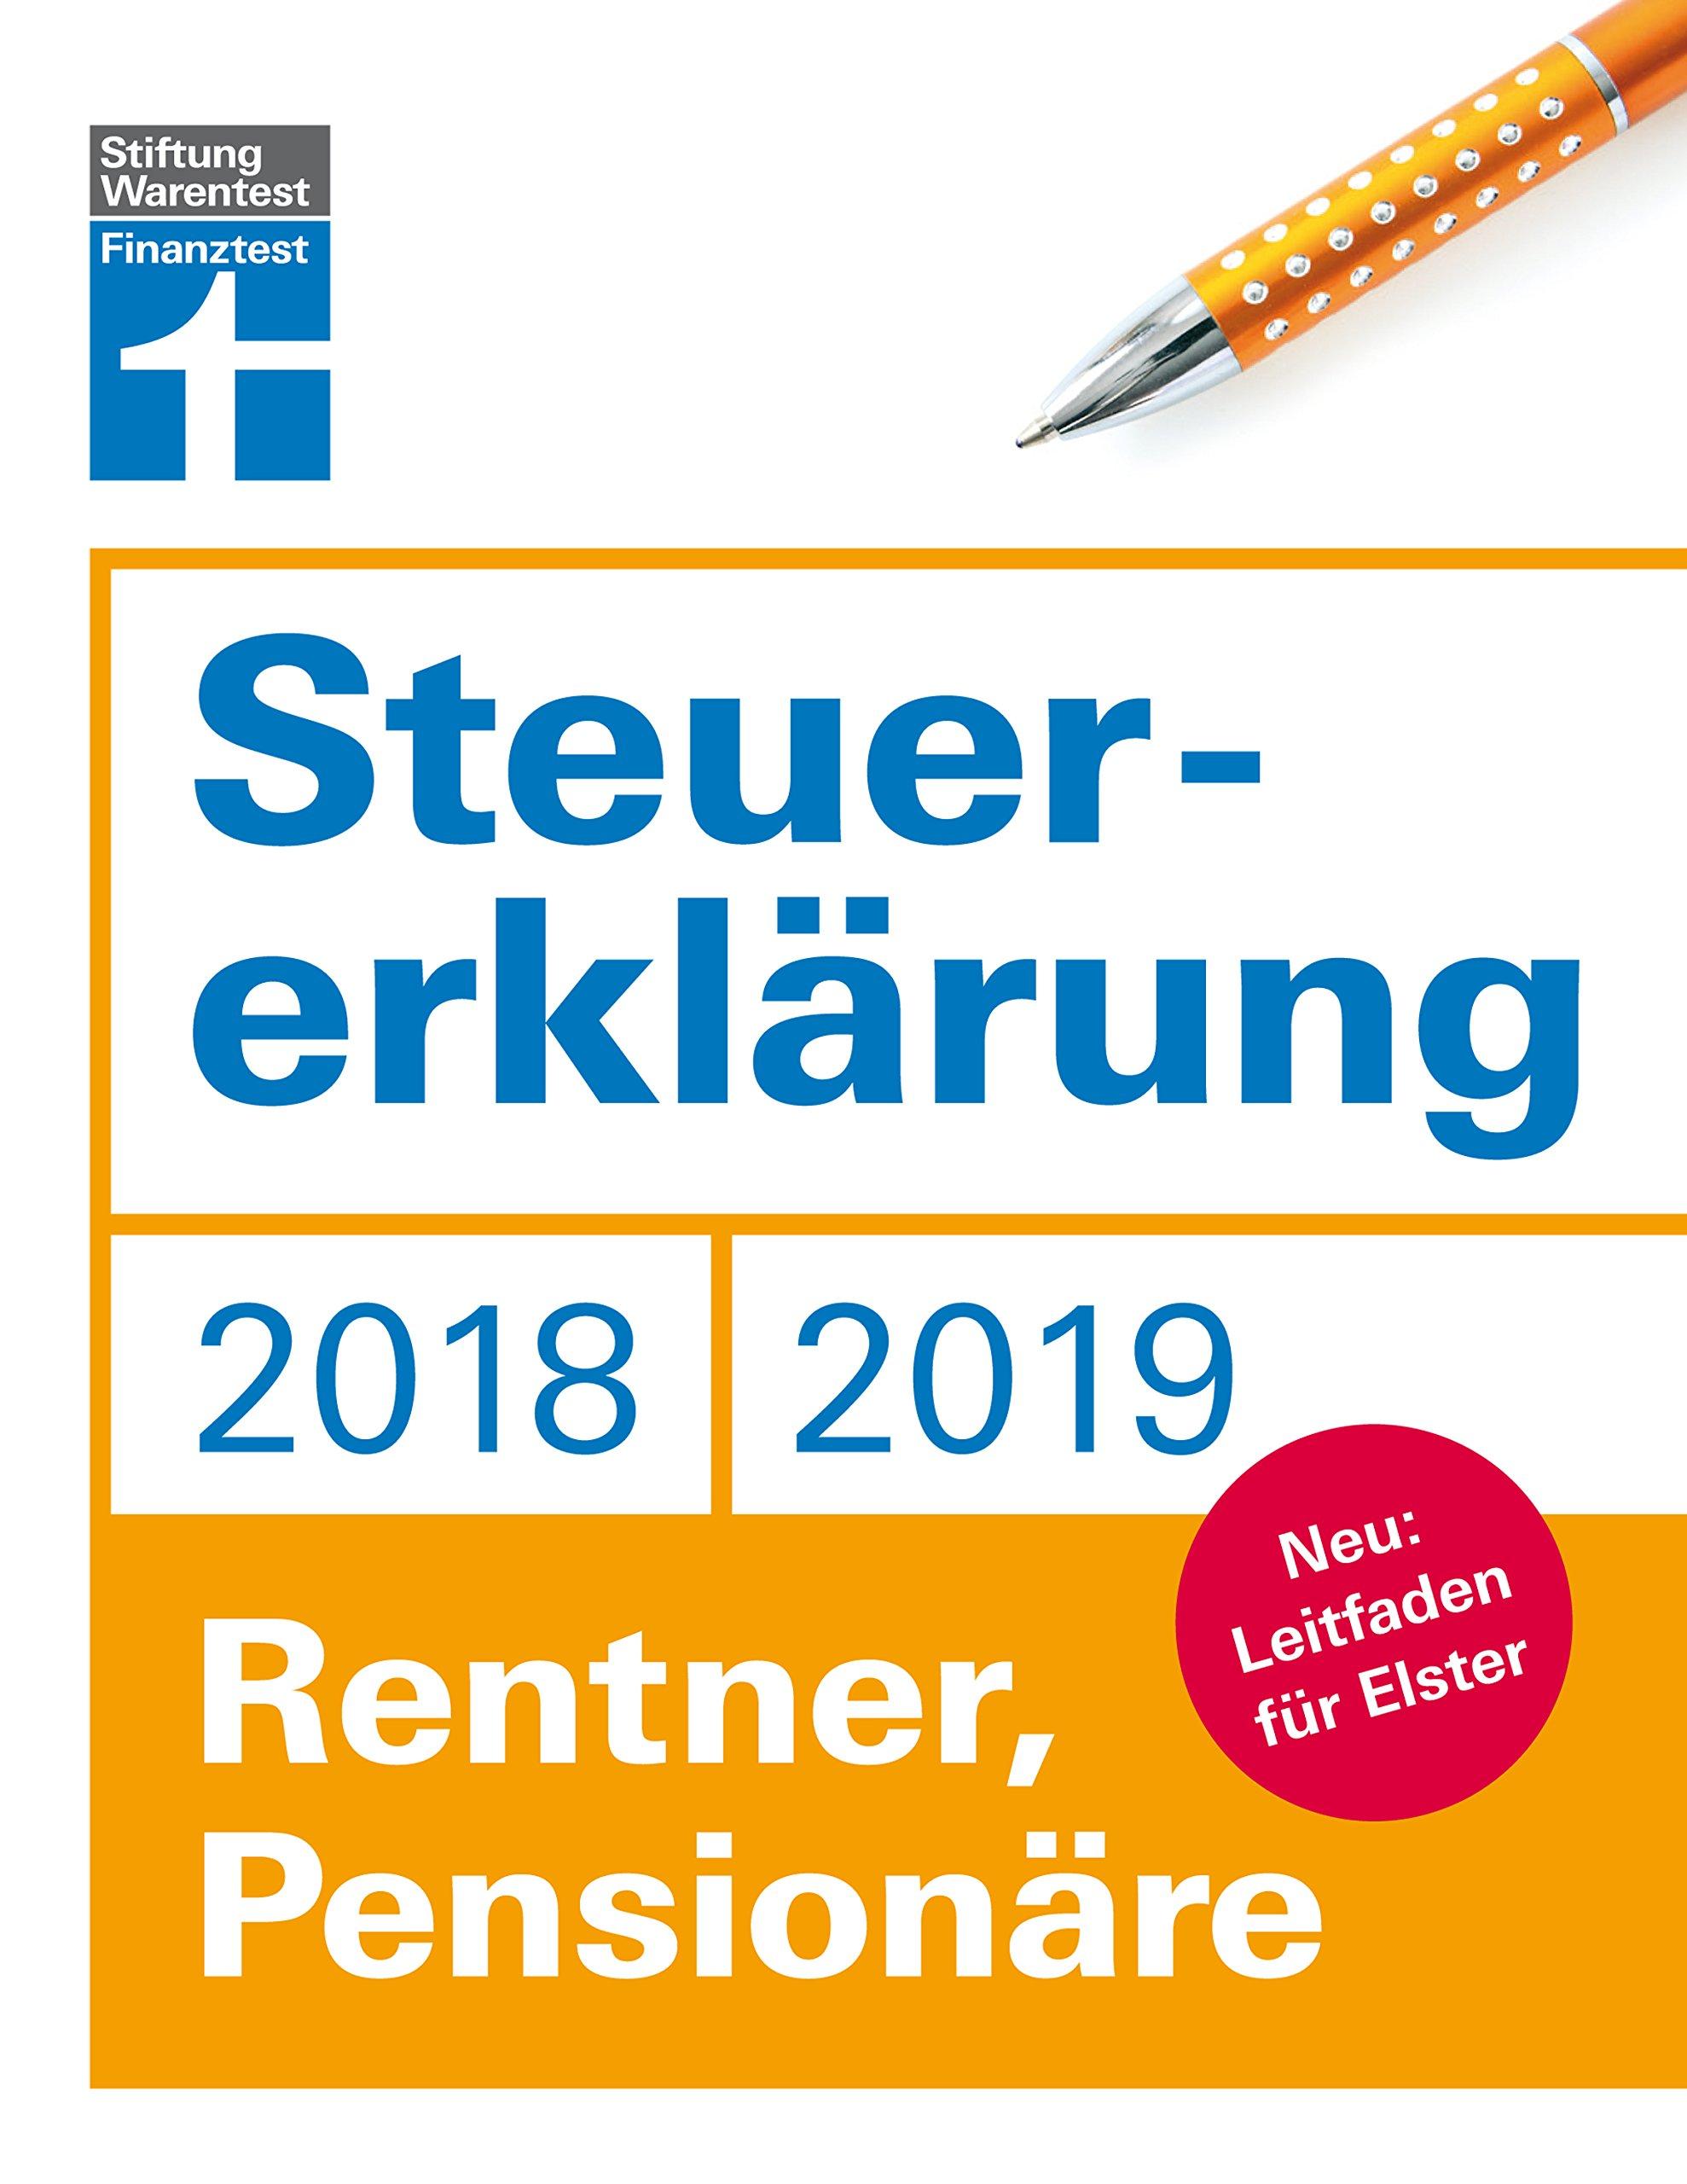 Steuererklärung 2018/2019 - Rentner, Pensionäre: Neu: Leitfaden für Elster Taschenbuch – 20. November 2018 Hans W. Fröhlich Stiftung Warentest 3868512845 Steuern